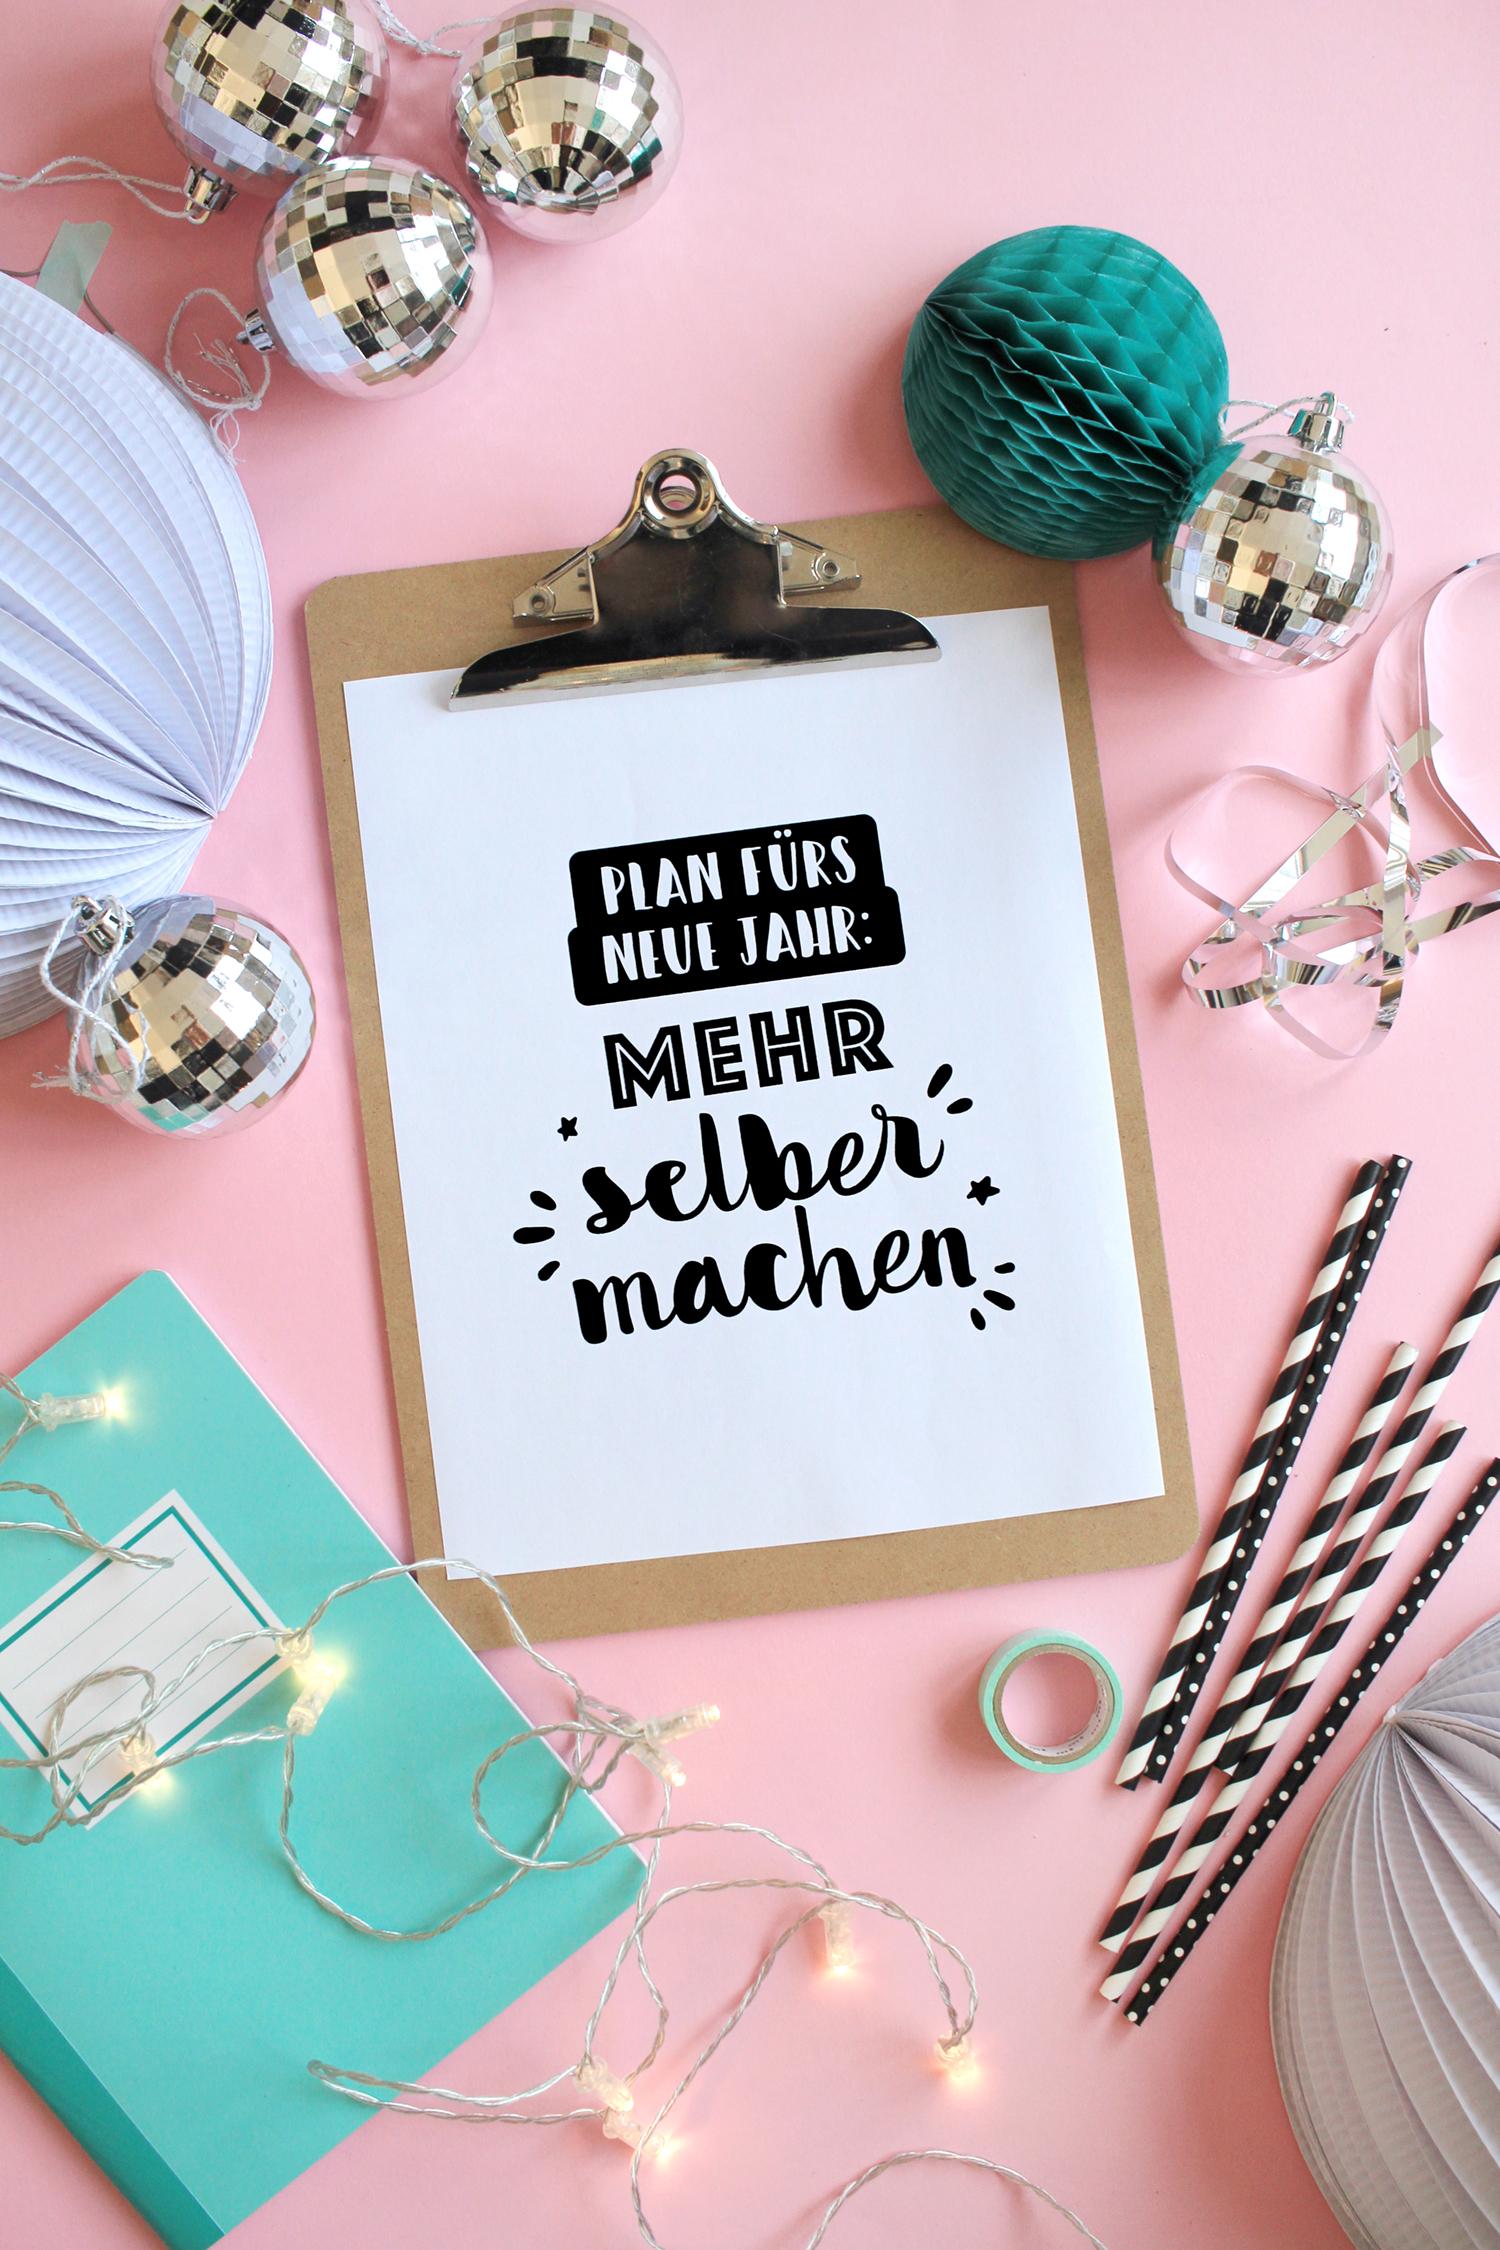 Makerist-Gratis-Typo-Printable-Sprüche-für-Silvester-und-das-neue-Jahr-5